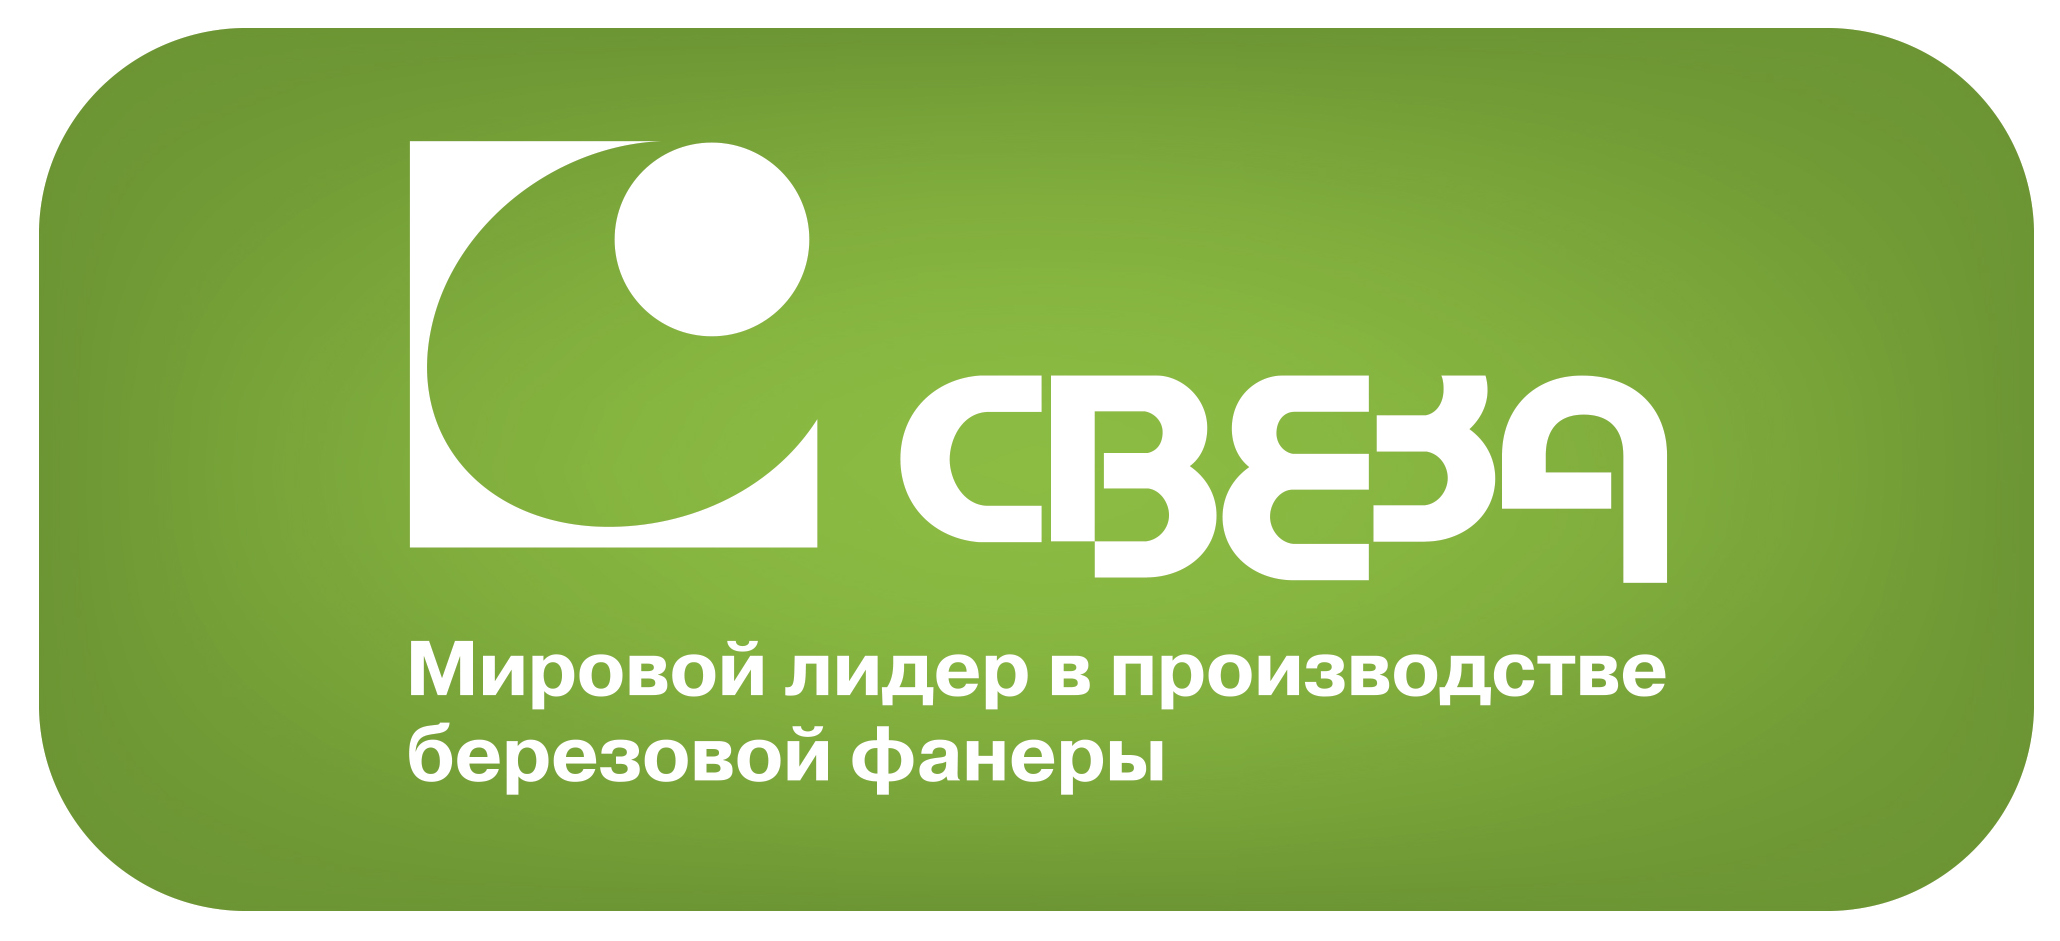 Работа в компании «СВЕЗА» в Кольчугино